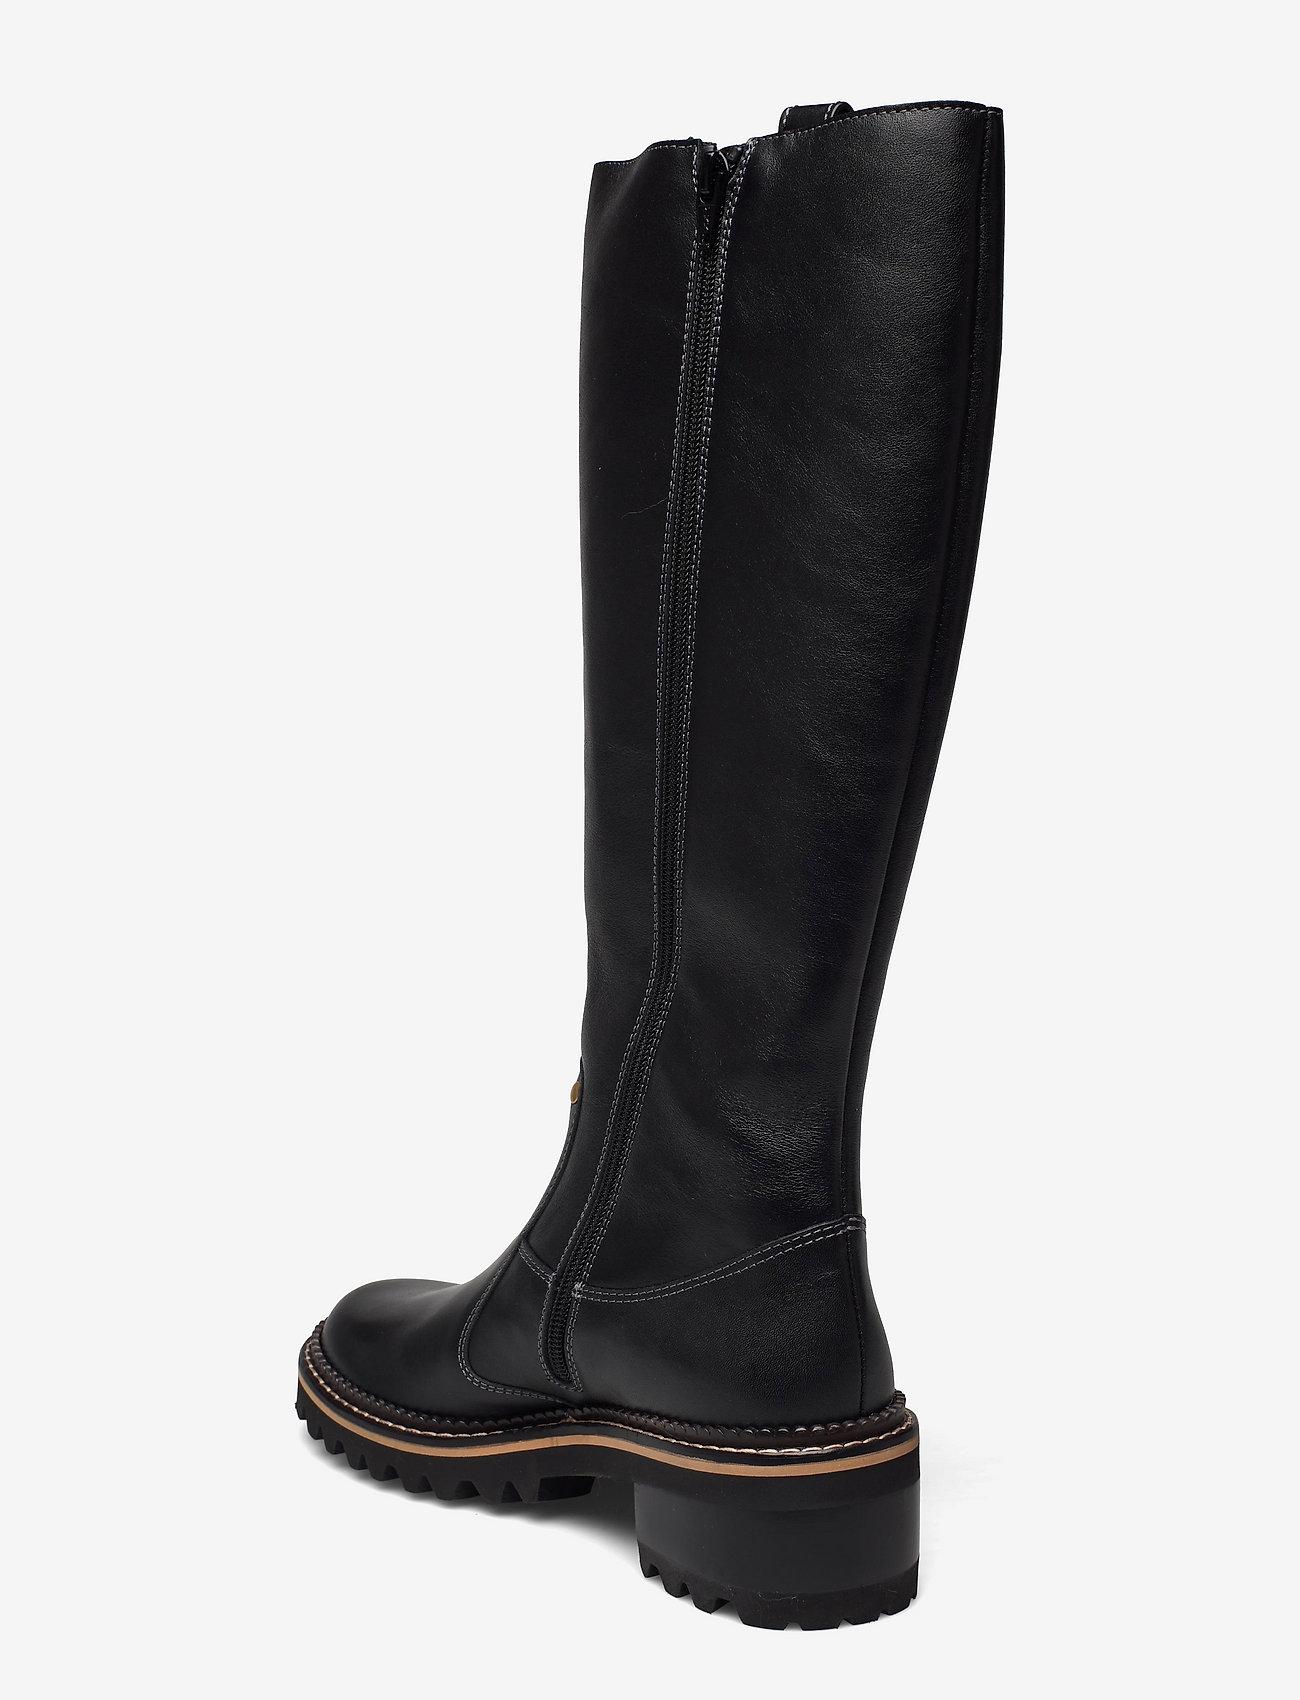 See by Chloé - FLAT BOOT - lange laarzen - black - 2